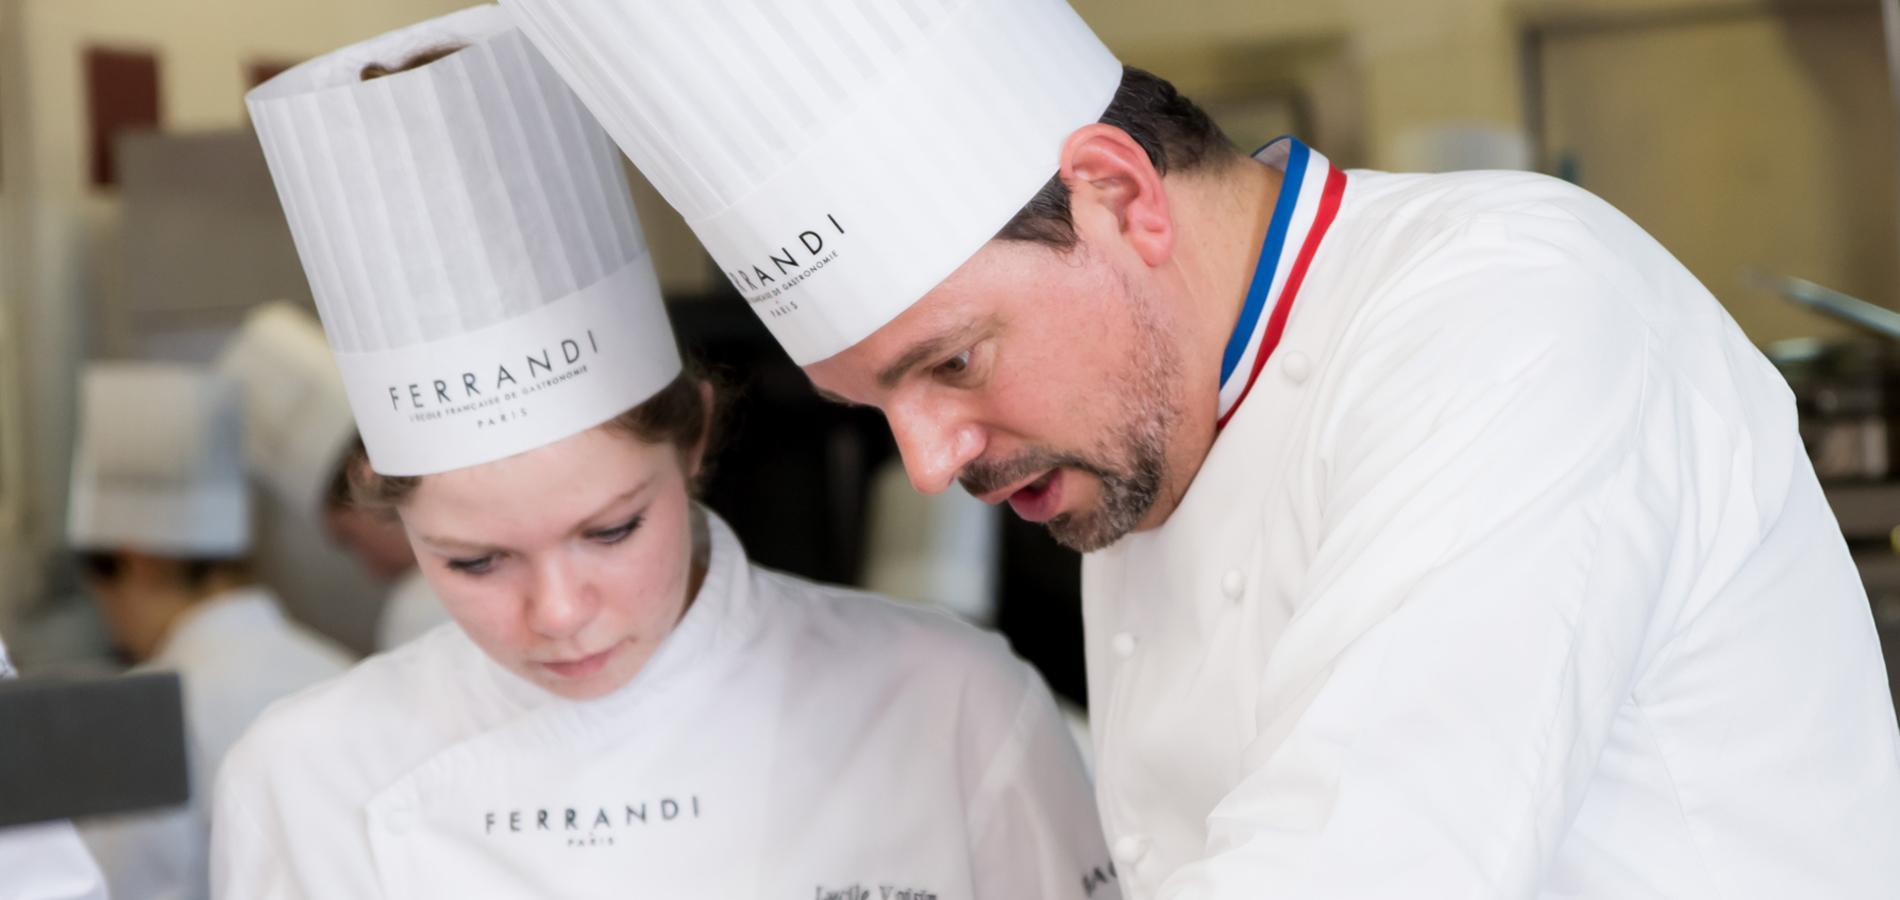 Ces Ecoles De Cuisine Prestigieuses Ou Sont Formes Les Plus Grands